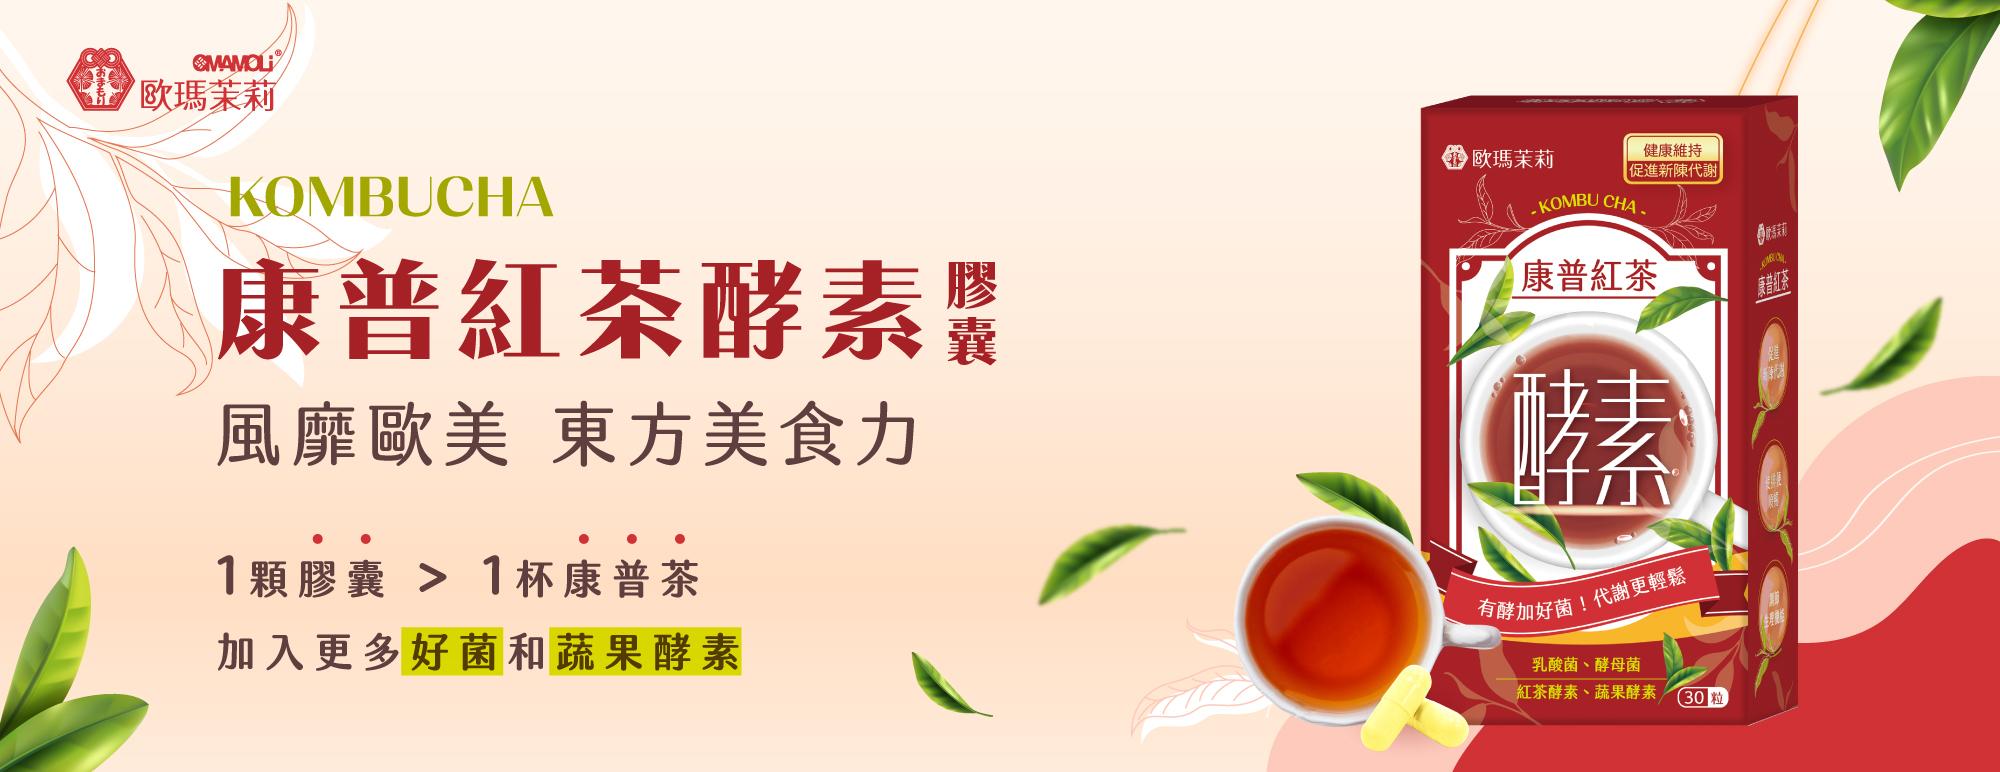 康普紅茶酵素新品上市